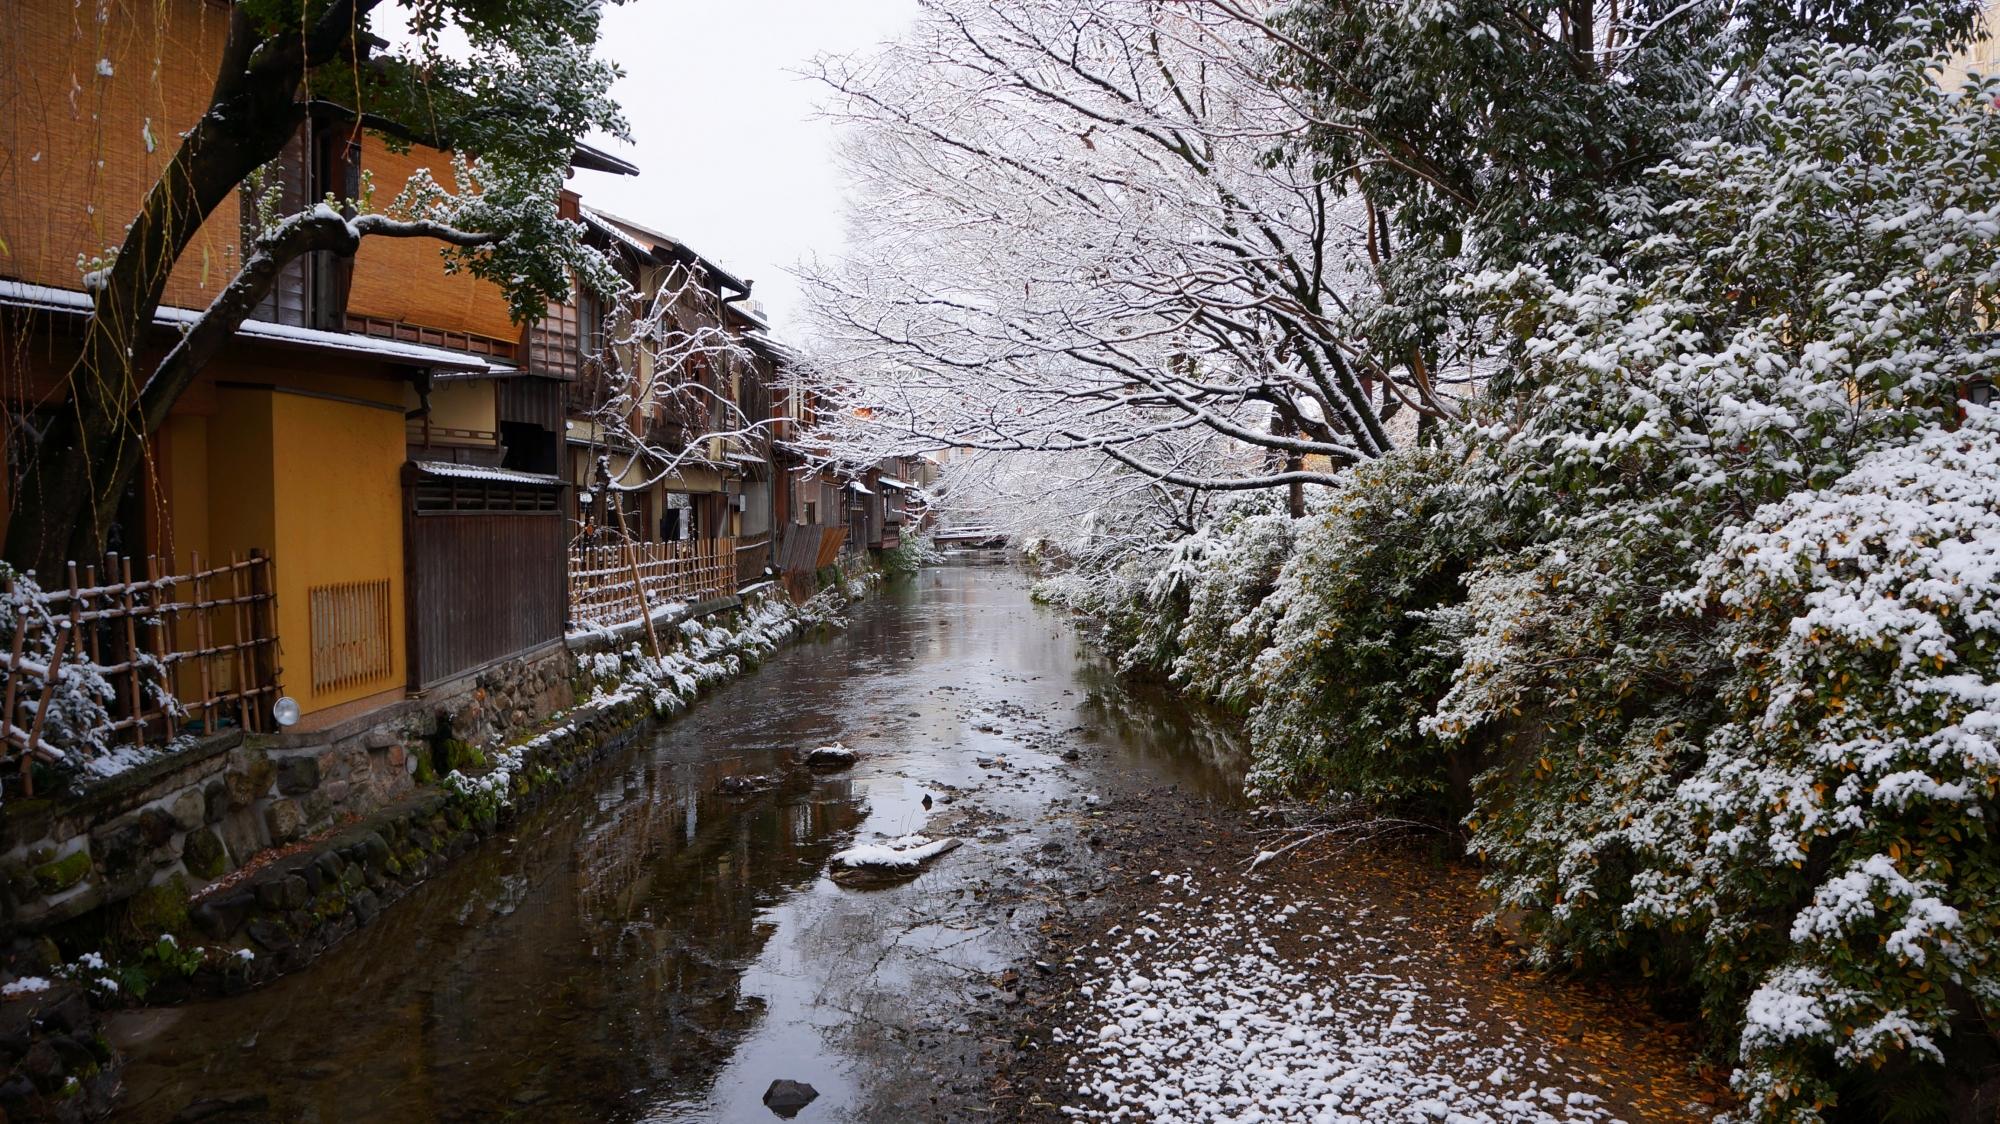 川辺の木々や植物も白くそまる祇園白川